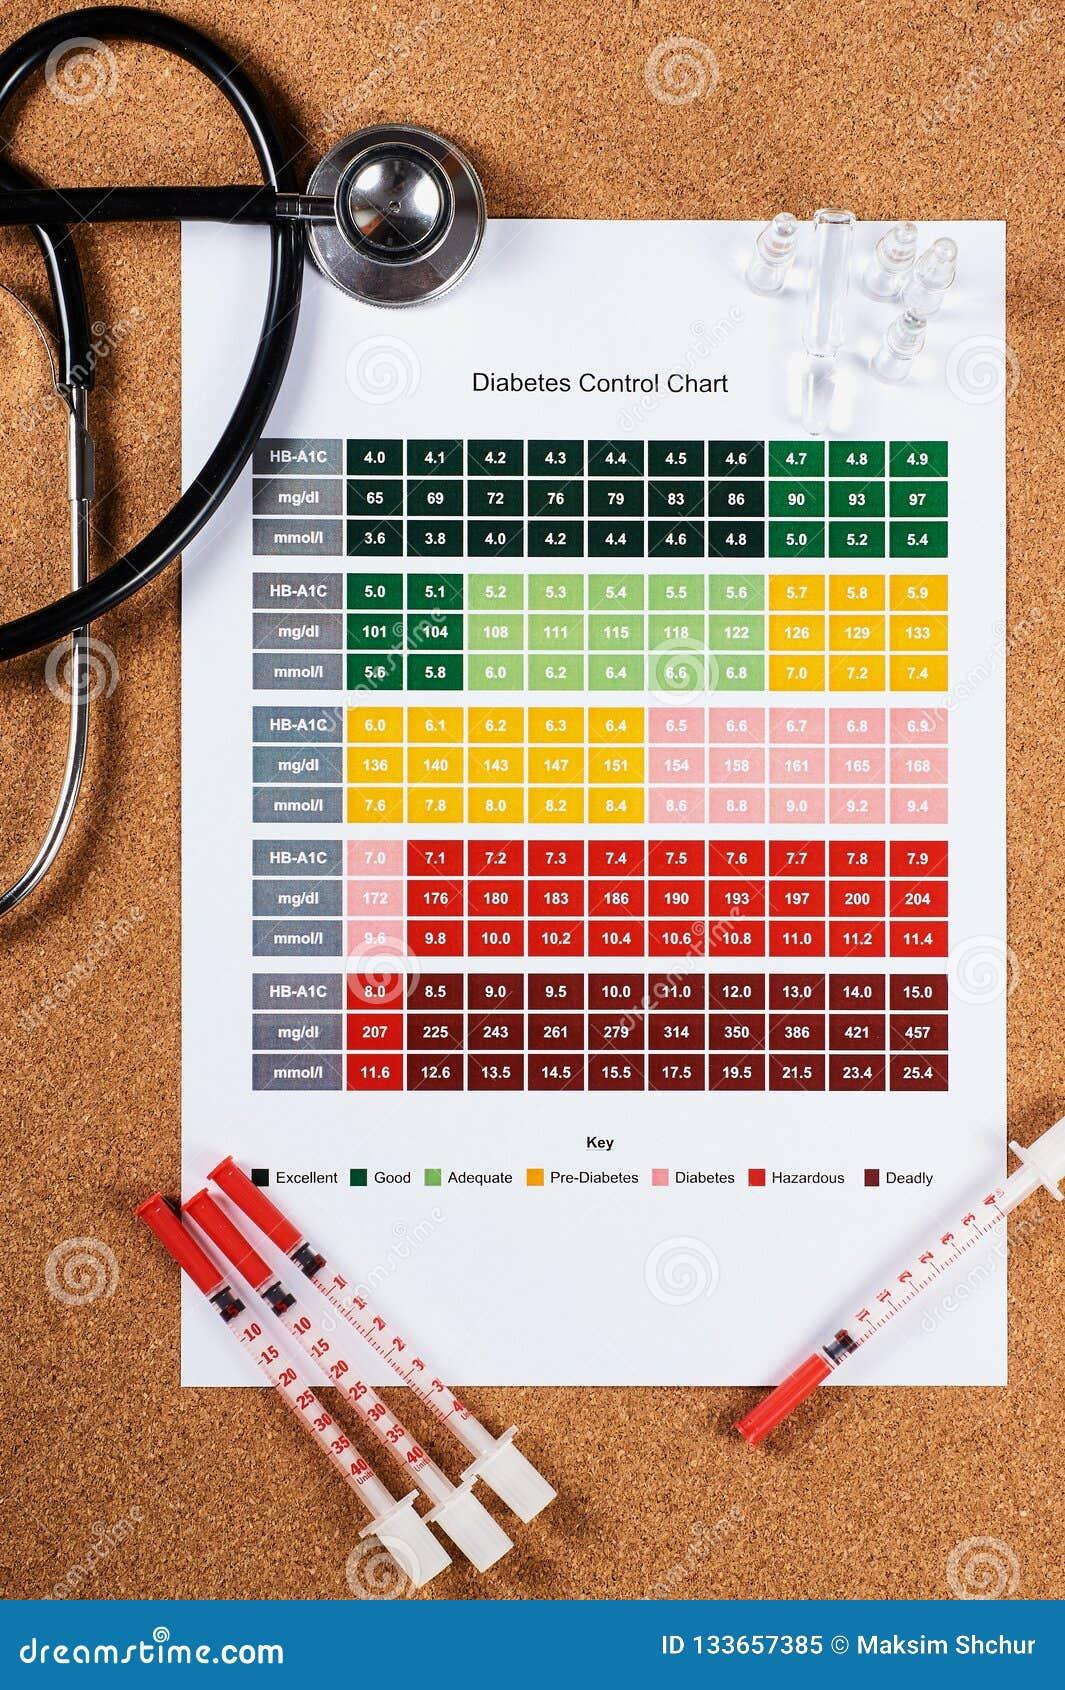 DiabetesKontrollkarte